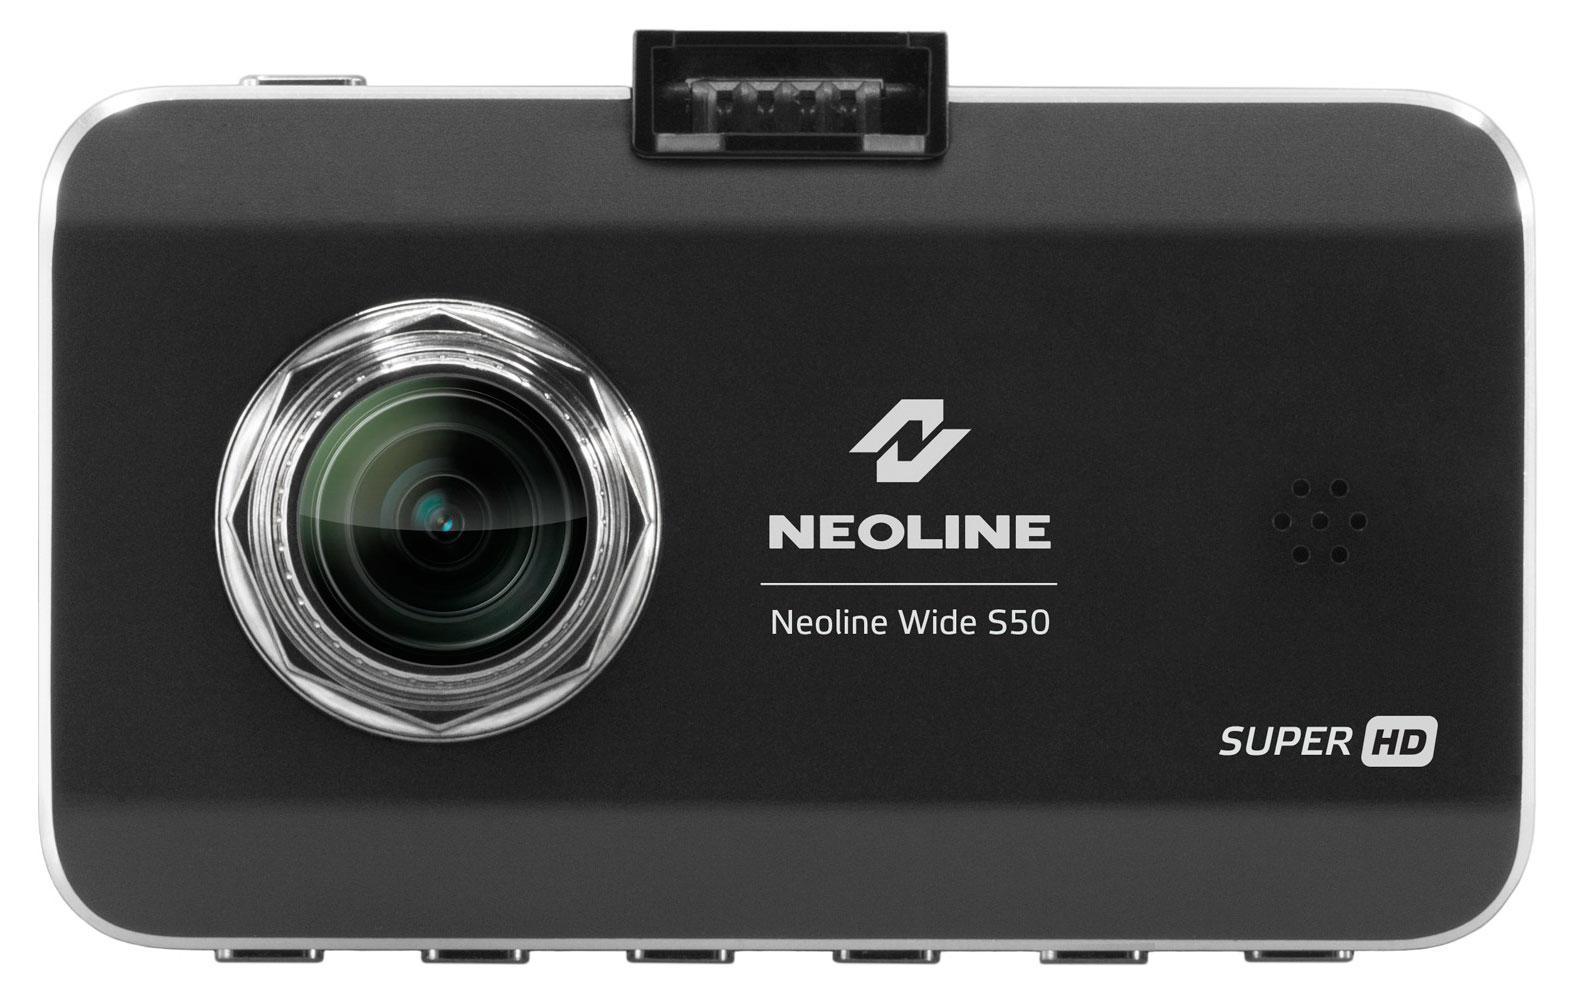 Neoline Wide S50, Black видеорегистраторWide S50Neoline Wide S50 оснащен самым мощным на сегодняшний день процессором Ambarella A7LA50 и самой совершенной матрицей для портативных изделий OV4689 c разрешением 4 мегапикселя, состоящей из 7 стеклянных линз. Эта техническая база позволяет видеорегистратору Neoline Wide S50 снимать видео с разрешением SuperHD 2304x1296 при 30 кадрах в секунду и получать максимально качественную картинку и в дневное, и в ночное время. Благодаря широкому углу обзора - 145o, видеорегистратор Neoline Wide S50 охватывает все 5 полос дорожного полотна, при этом не искажая картинку. Видеорегистратор Neoline Wide S50 зафиксирует действительно все, что происходит на дороге. В штатном креплении на стекло реализована возможность зарядки видеорегистратора через MiniUSB разъем. Это очень удобно, потому что Neoline Wide S50 одним движением легко снимается и одновременно отключается от питания. Видеорегистратор так же легко поворачивается в салон без прерывания записи. Neoline Wide S50 оснащен функцией WDR – это функция расширенного динамического диапазона, обеспечивающая сбалансированное изображение по цвету и свету в сложных условиях - при подсветке сзади и интенсивном изменяющемся освещении. Особенно это важно при въезде/выезде из тоннеля, при ярком прямом солнечном освещении и пр. Благодаря функции WDR, в видеорегистраторе Neoline Wide S50 качество видео-съемки остается на высоком уровне даже в самых сложных условиях. Большой 3-х дюймовый дисплей Neoline Wide S50 дает возможность комфортно просматривать записанные видеоролики на самом видеорегистраторе. Также на большом экране удобнее настраивать устройство и регулировать обзор. В отличие от обычной камеры видеорегистратор должен быть оснащен специализированным функционалом. В Neoline Wide S50 предусмотрено все: датчик движения, G-сенсор, циклическая запись. Все это гарантированно сохранит каждое мгновение поездки.